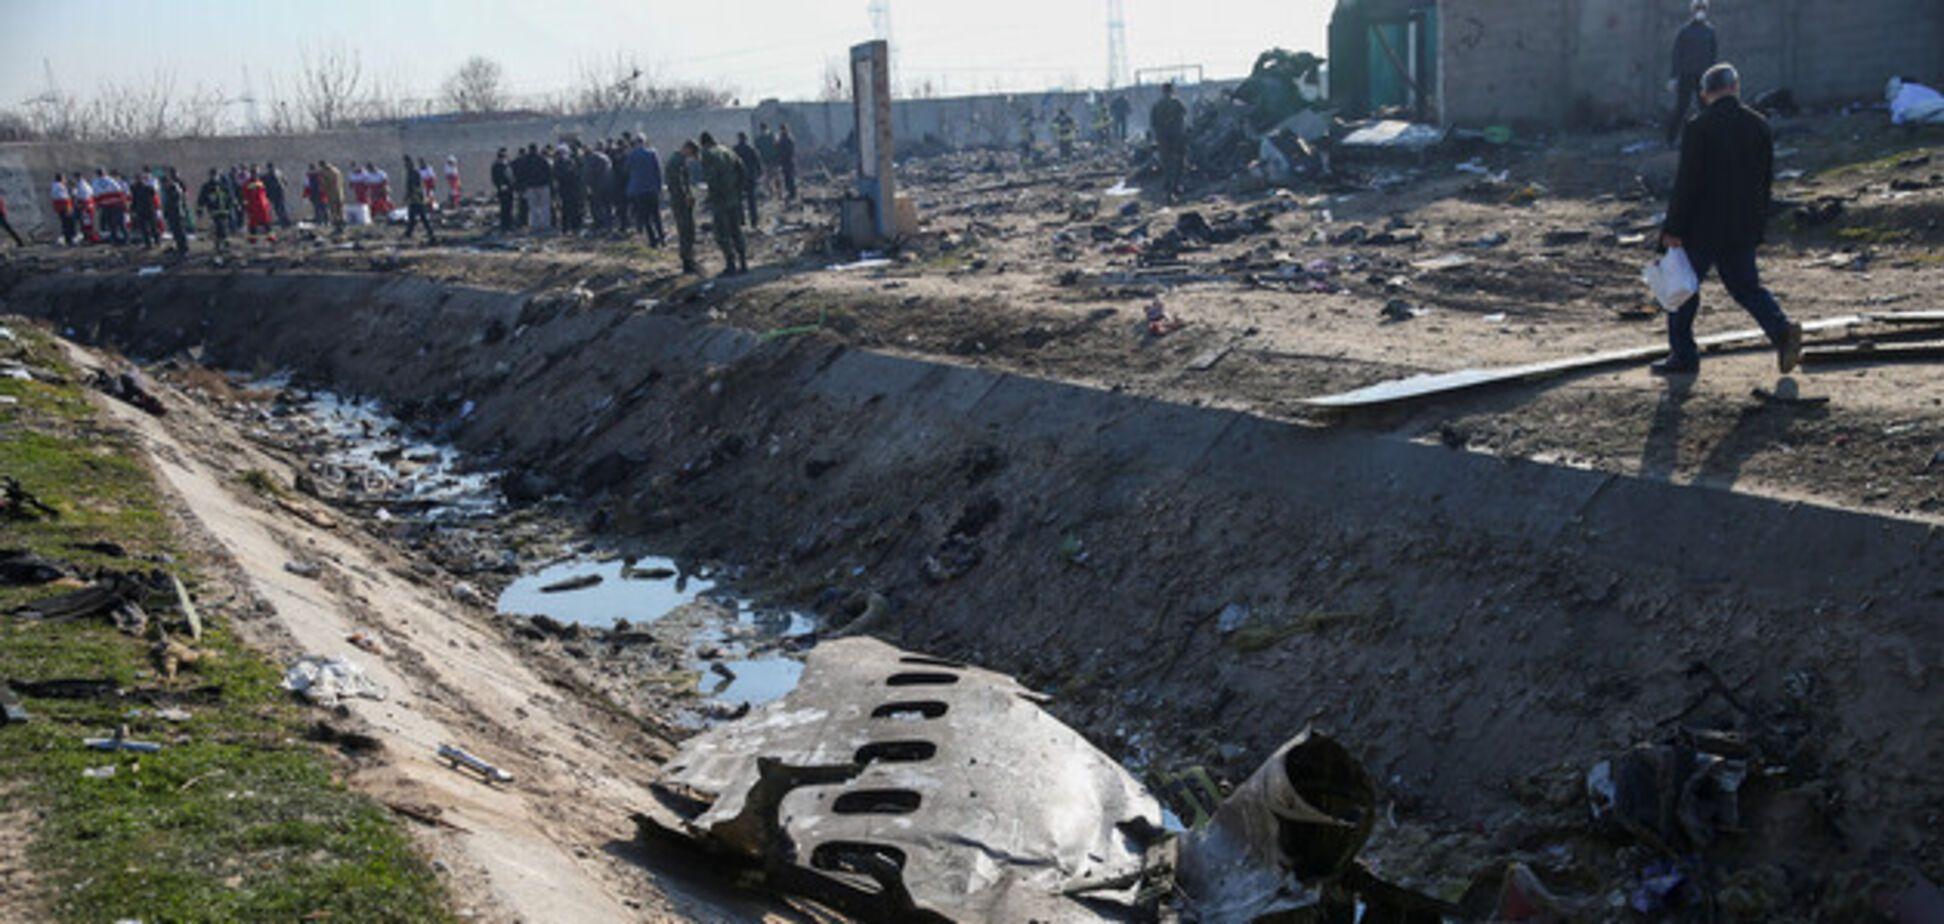 Україна прагне встановити істину в катастрофі МАУ в Ірані та сподівається на співпрацю з Канадою, – Мамедов